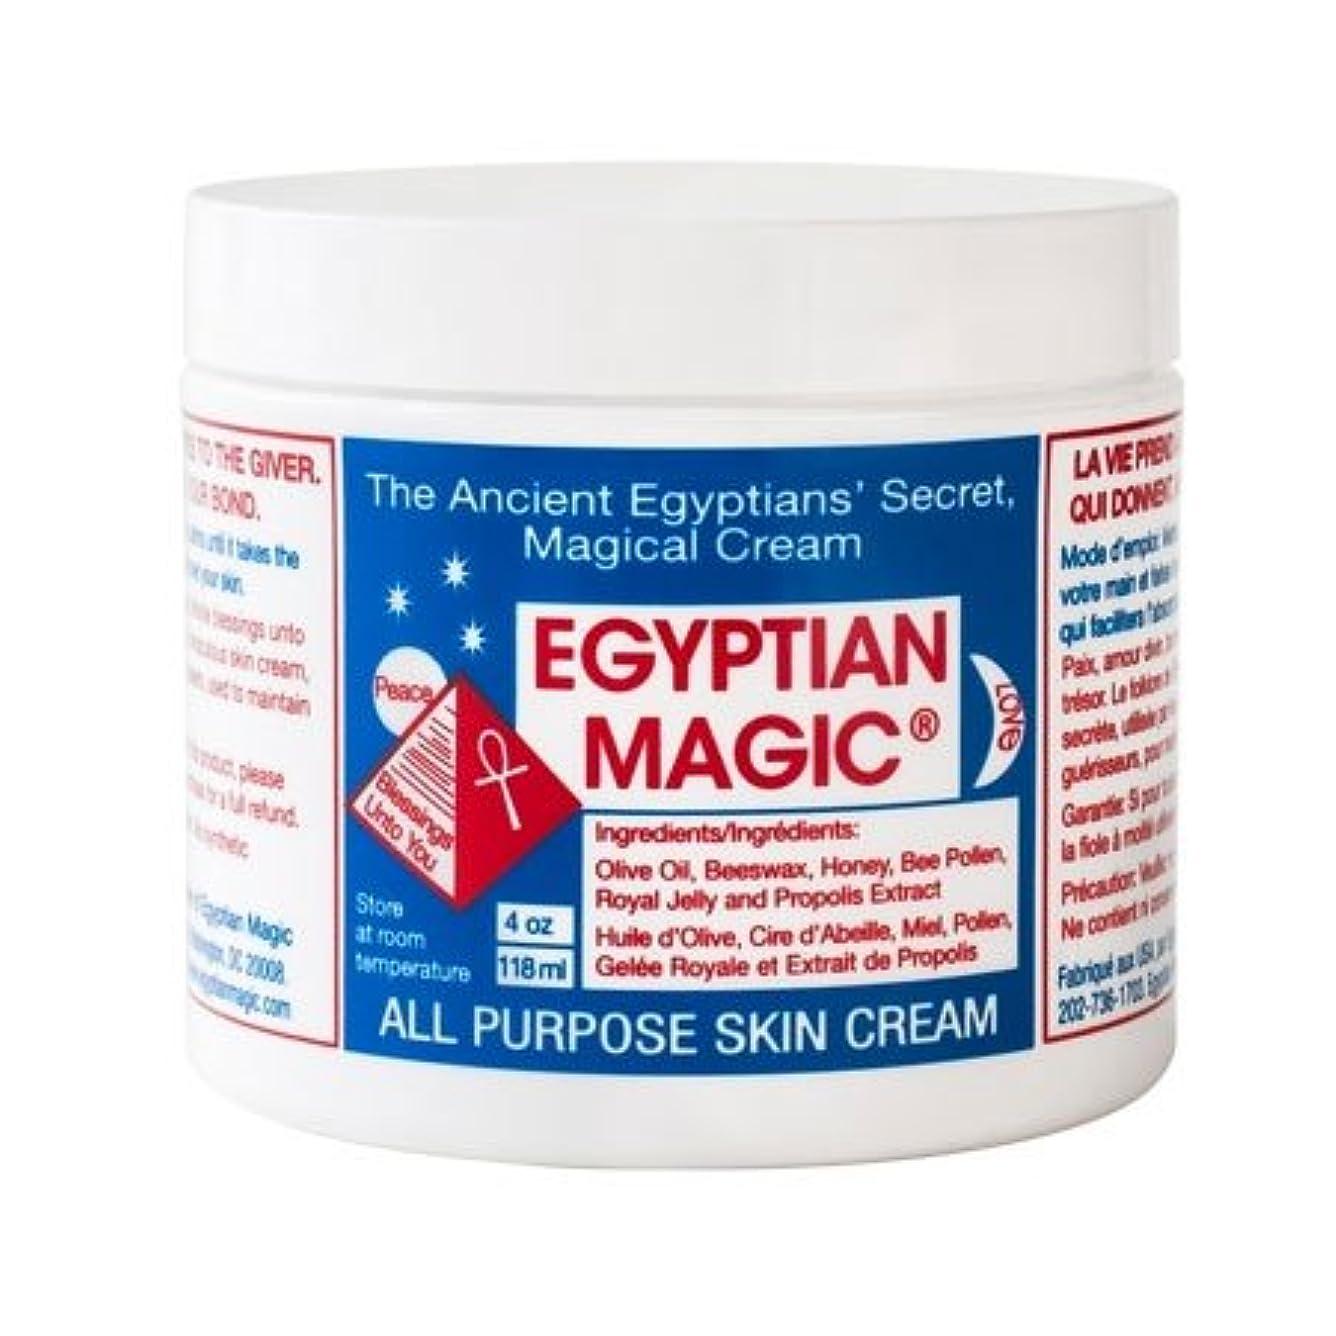 シャワーピニオンお祝いエジプシャンマジック エジプシャン マジック クリーム 118ml 海外仕様パッケージ